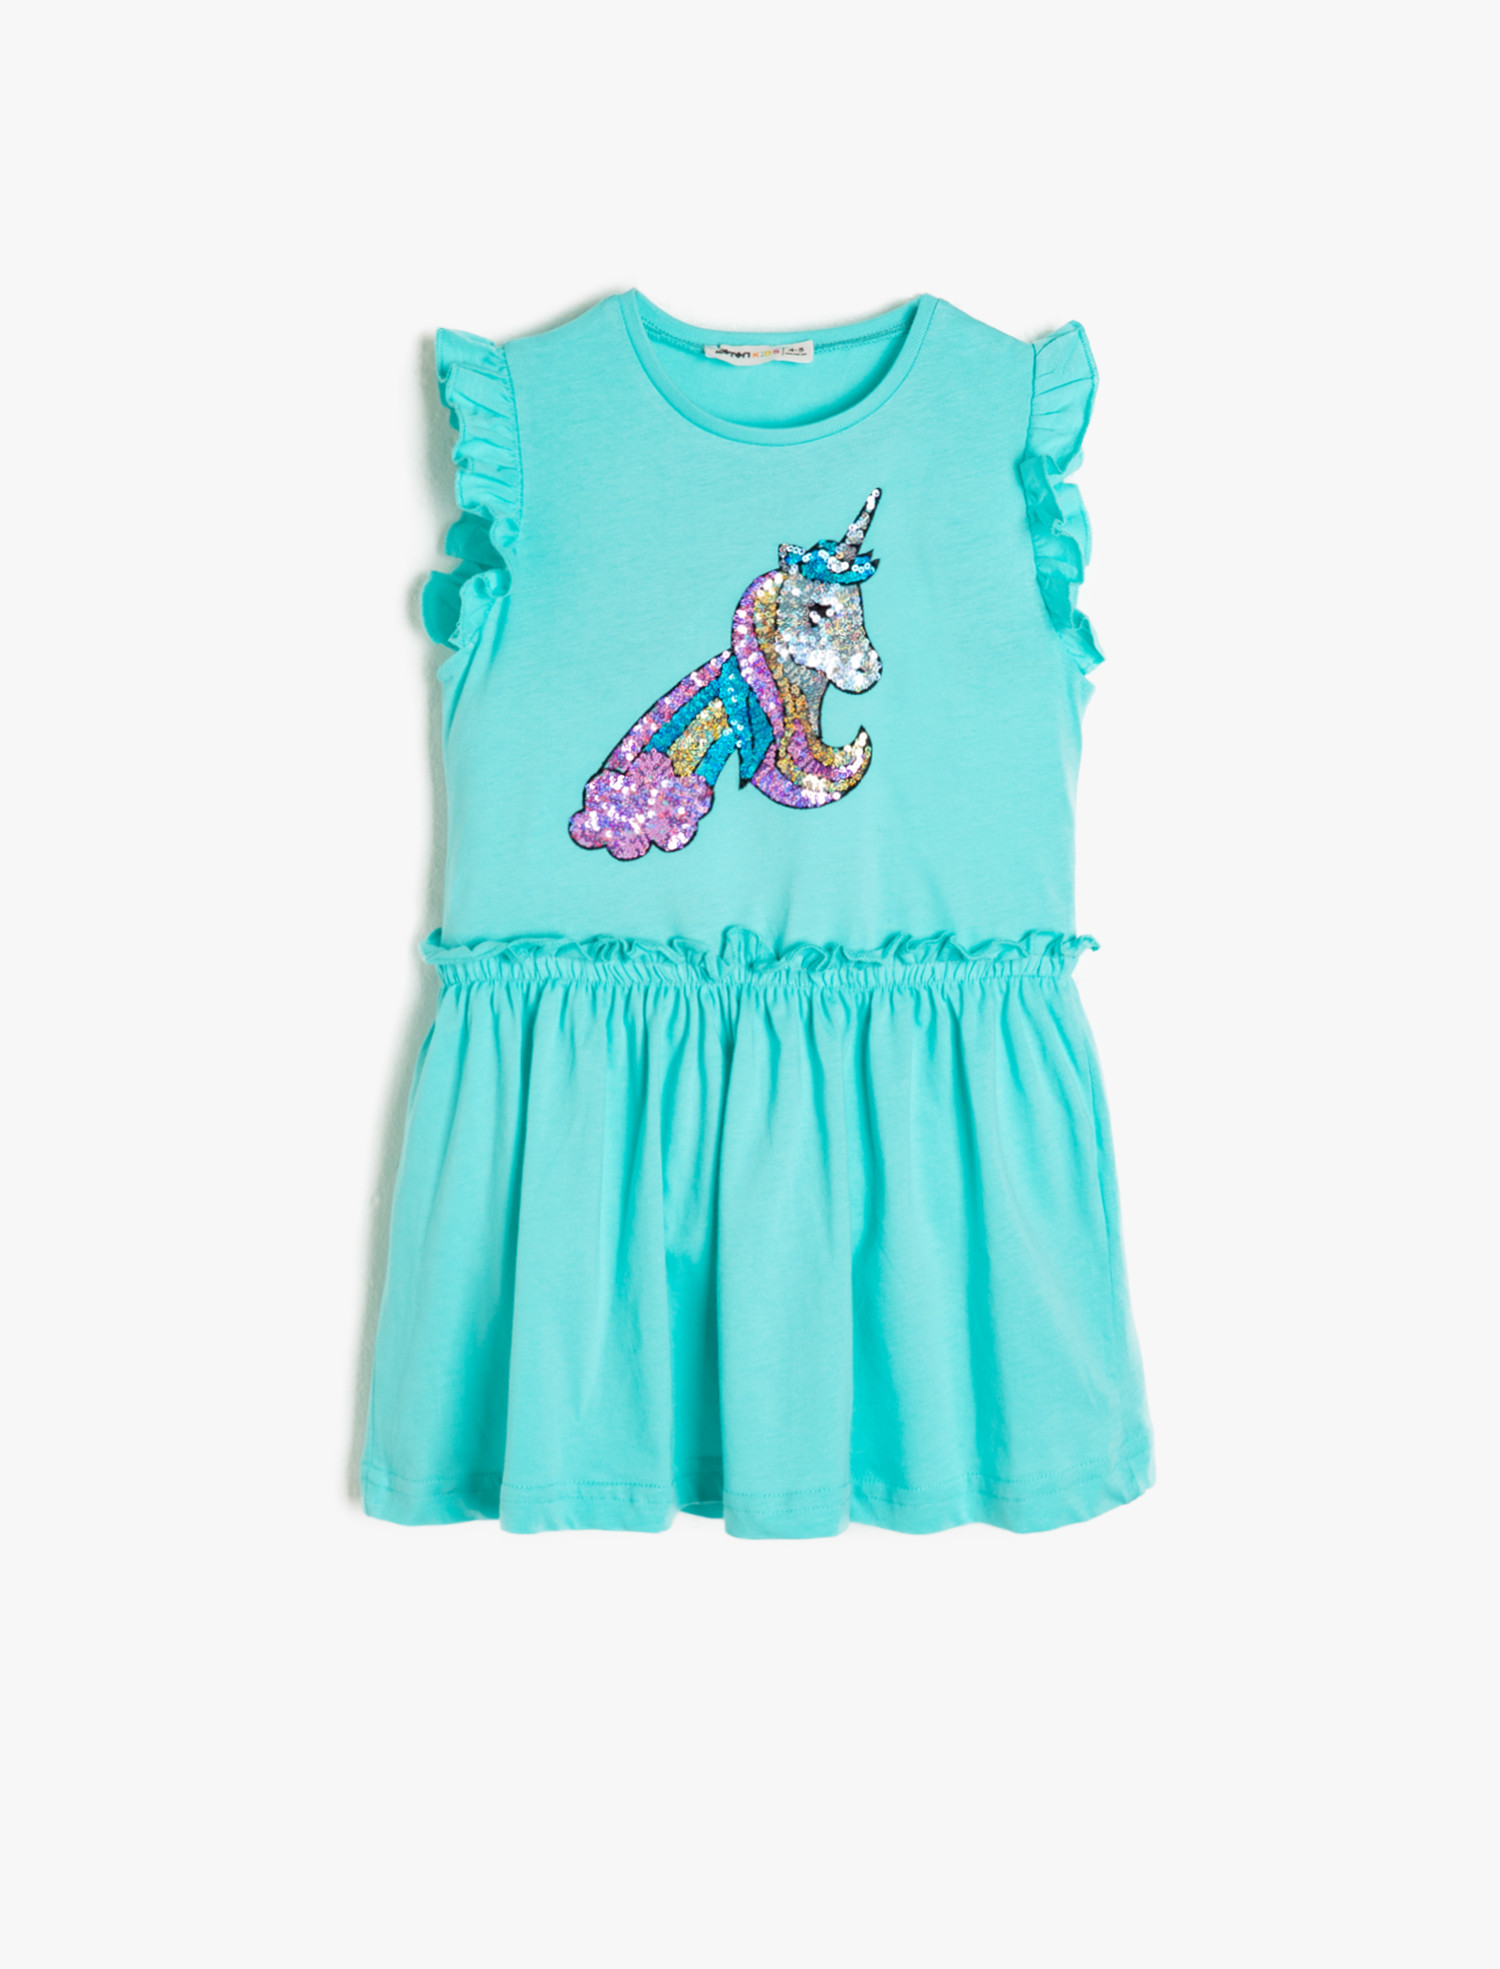 9db3aaba61d50 Koton Kız Çocuk Pul Detayli Elbise - Glami.com.tr